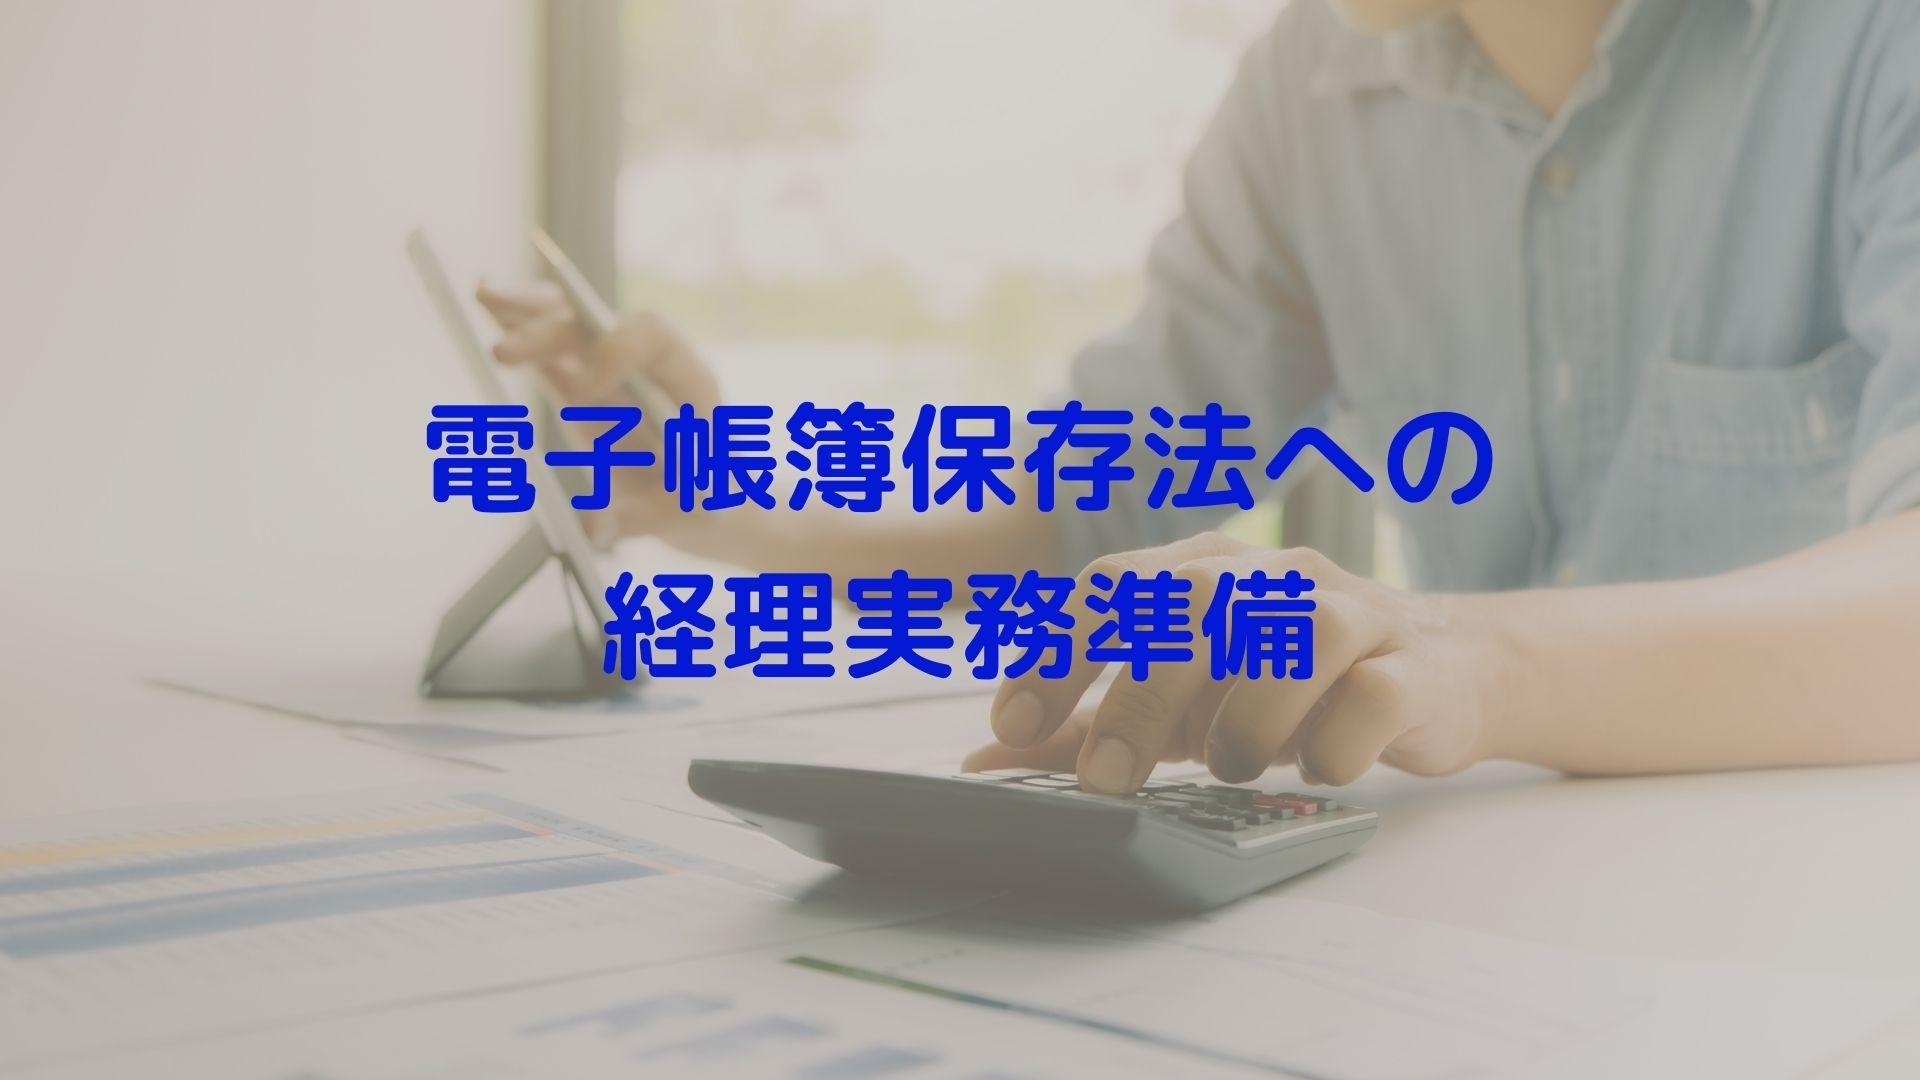 電子帳簿保存法 対応